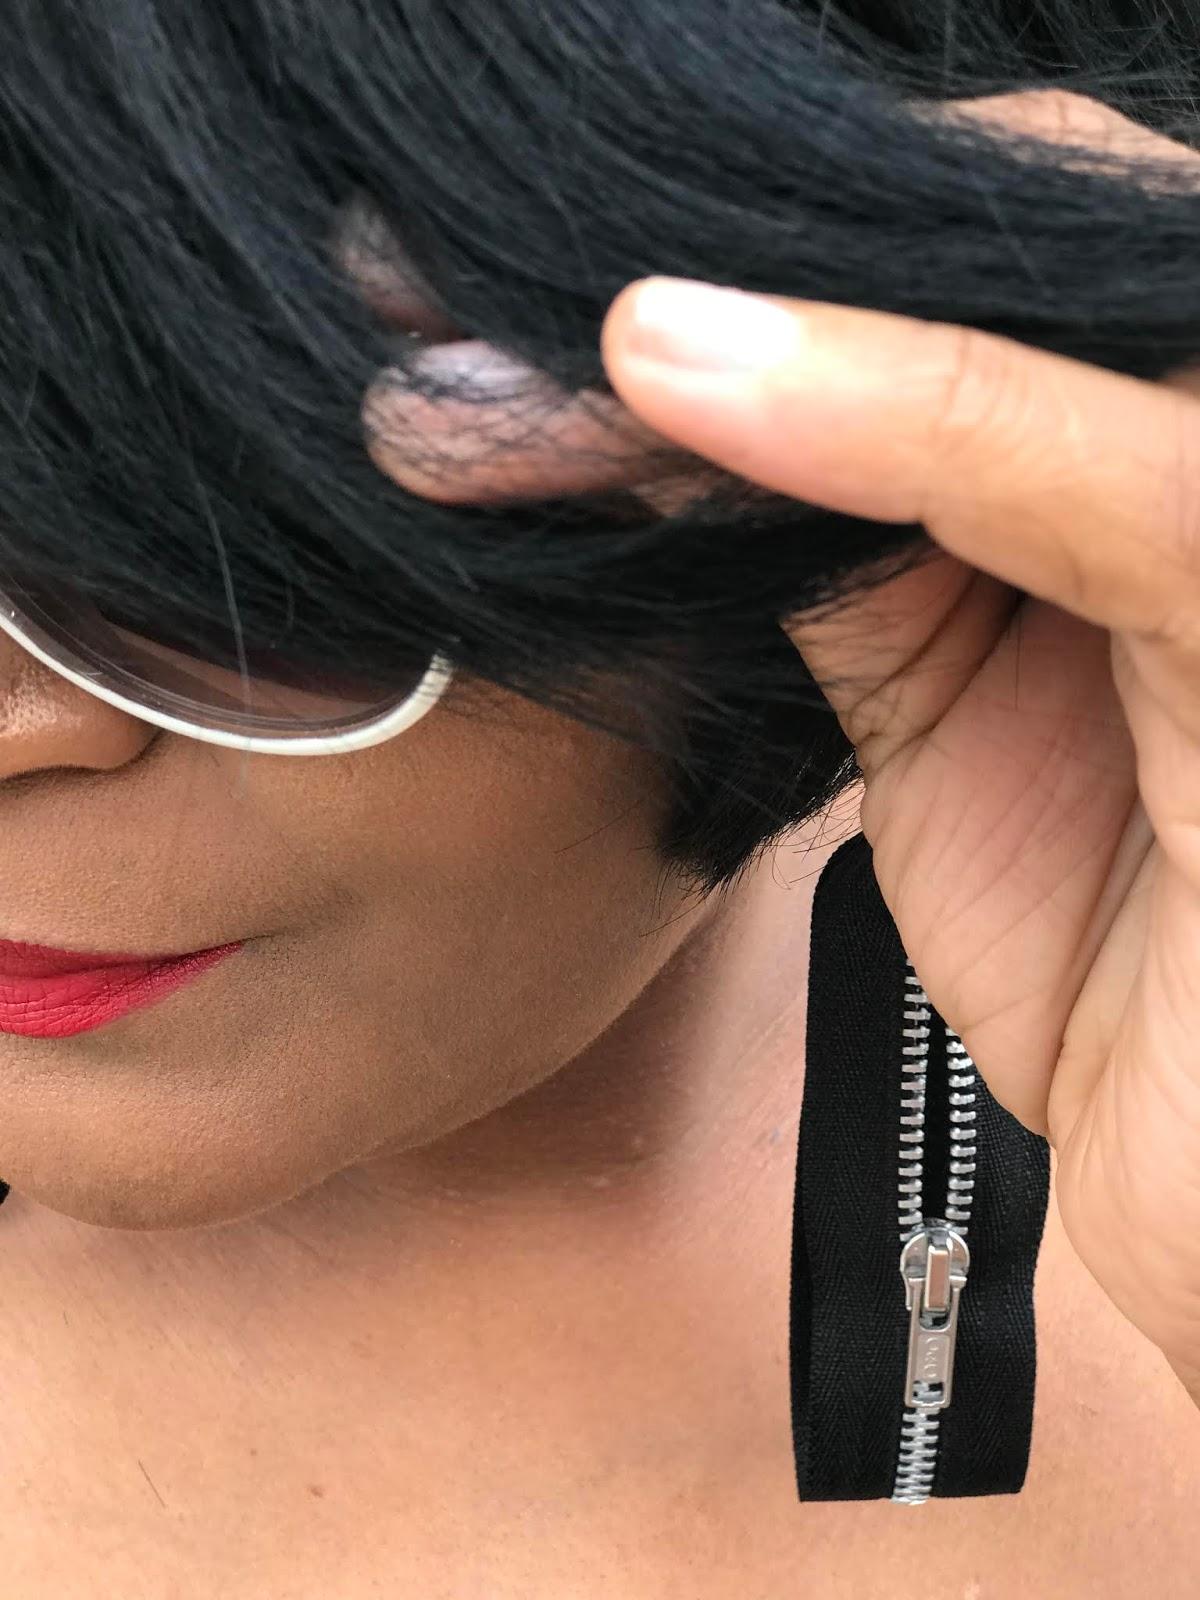 Image: Woman wearing zipper earrings